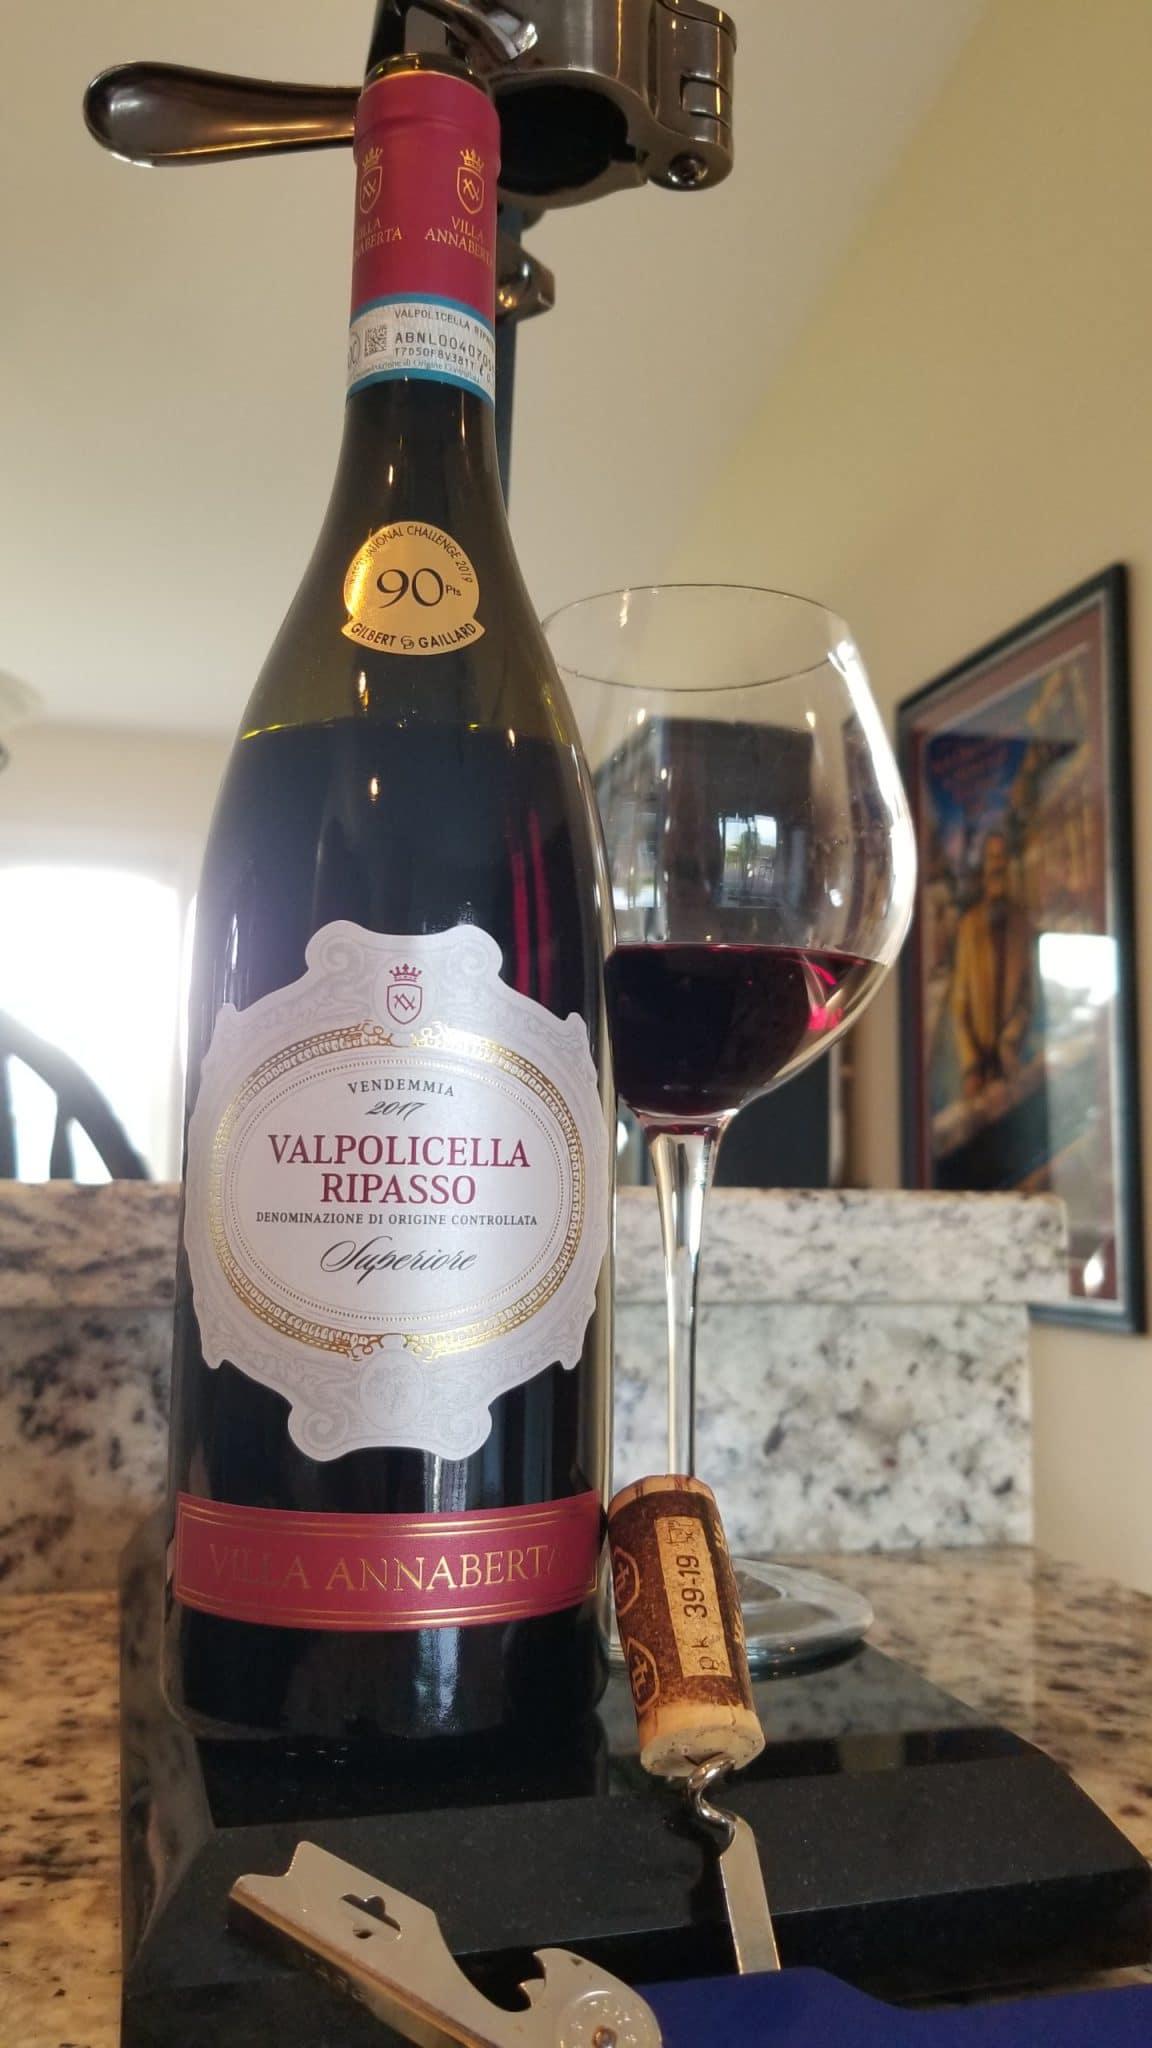 $18.35 - Villa Annaberta Valpolicella Ripasso Superiore 2017